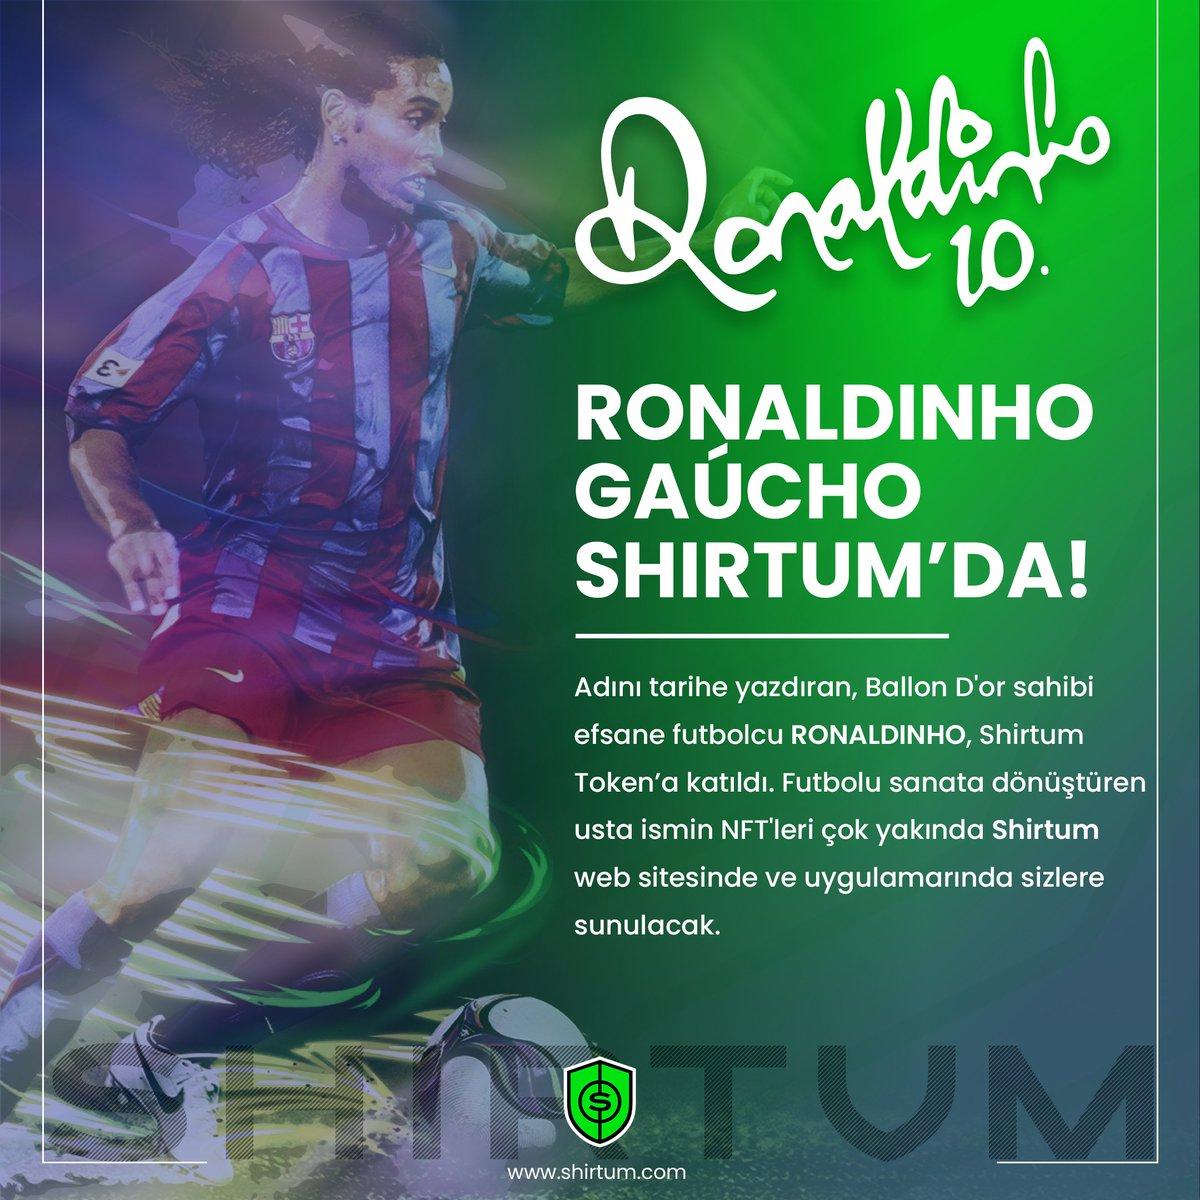 Ronaldinho @10Ronaldinho Shirtum'da!  Adını tarihe yazdıran, Ballon D'or sahibi efsane futbolcu RONALDINHO, Shirtum $SHI Token'a katıldı. 💪  🌐 Satın Almak İçin ⤵️ pancakeswap.finance/swap?outputCur…  👥 Telegram ⤵️ t.me/ShirtumTurkey  #Ronaldinho #NFT #fcbarcelona #Shirtum